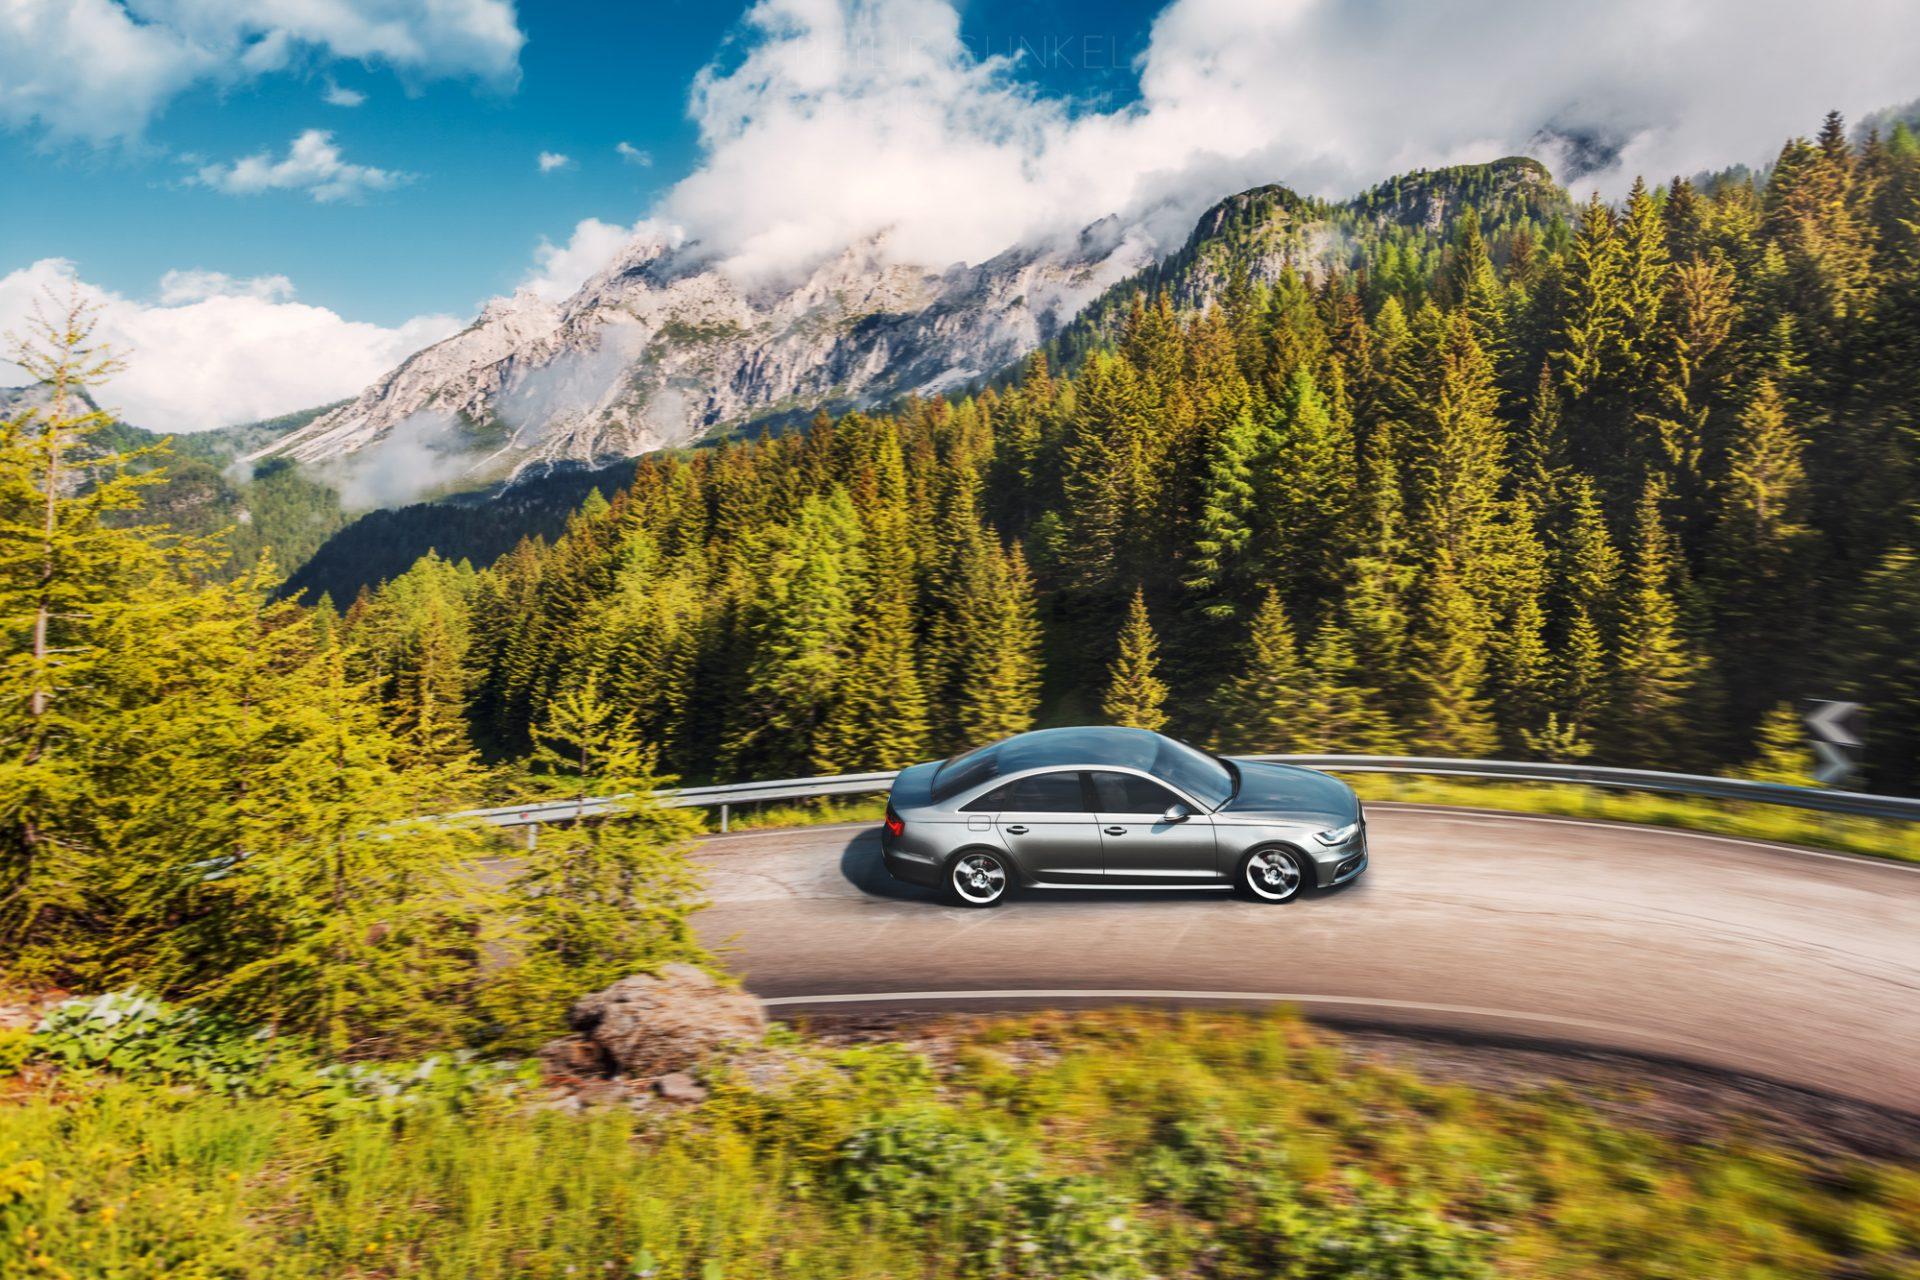 Audi-A6-2.0-TDI-Ultra_Philip-Gunkel-2